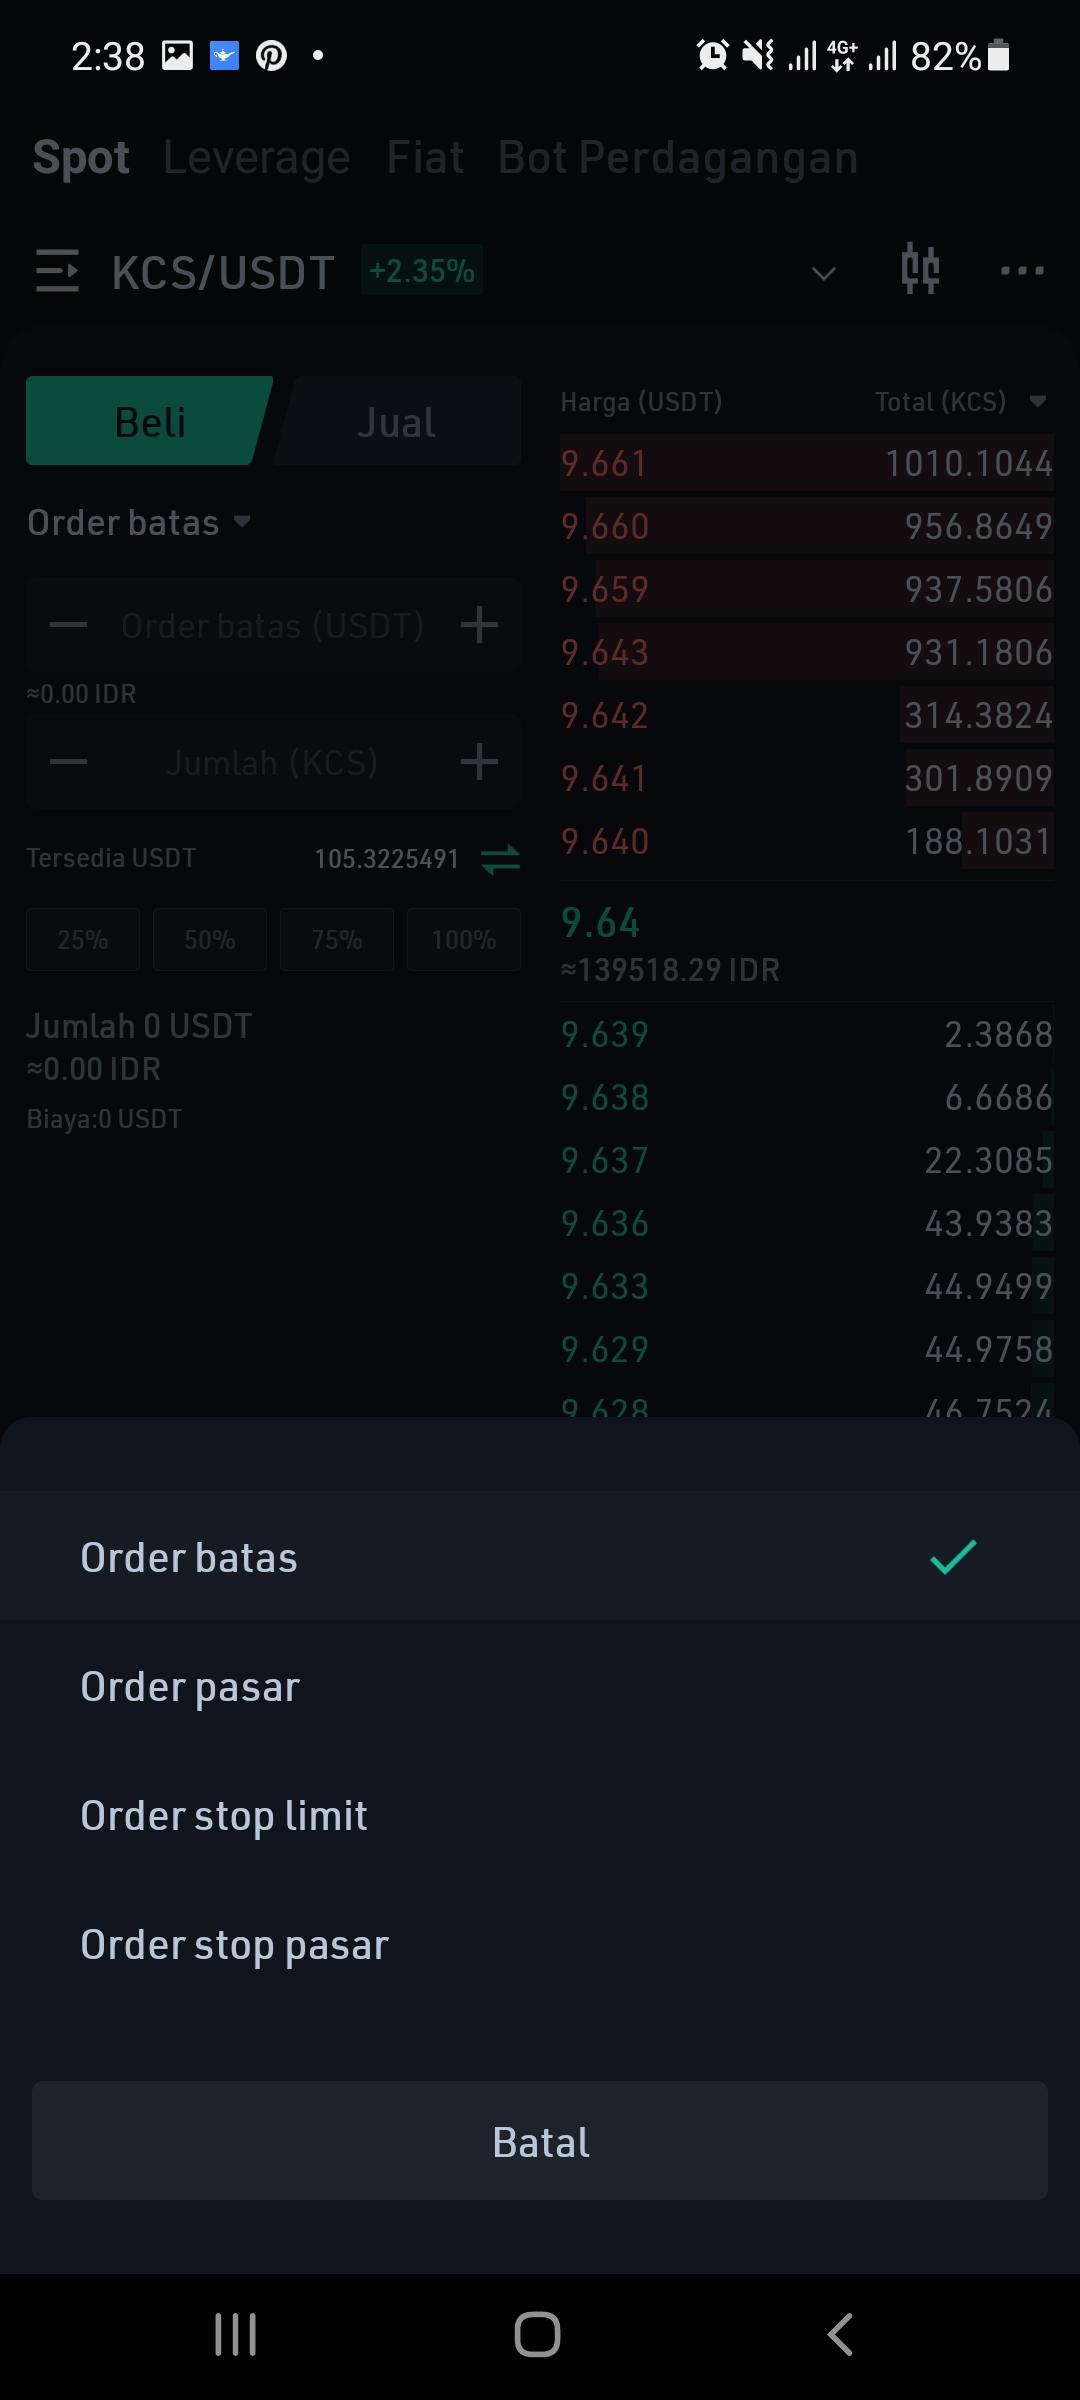 15.kucoin-spot-trading.jpg